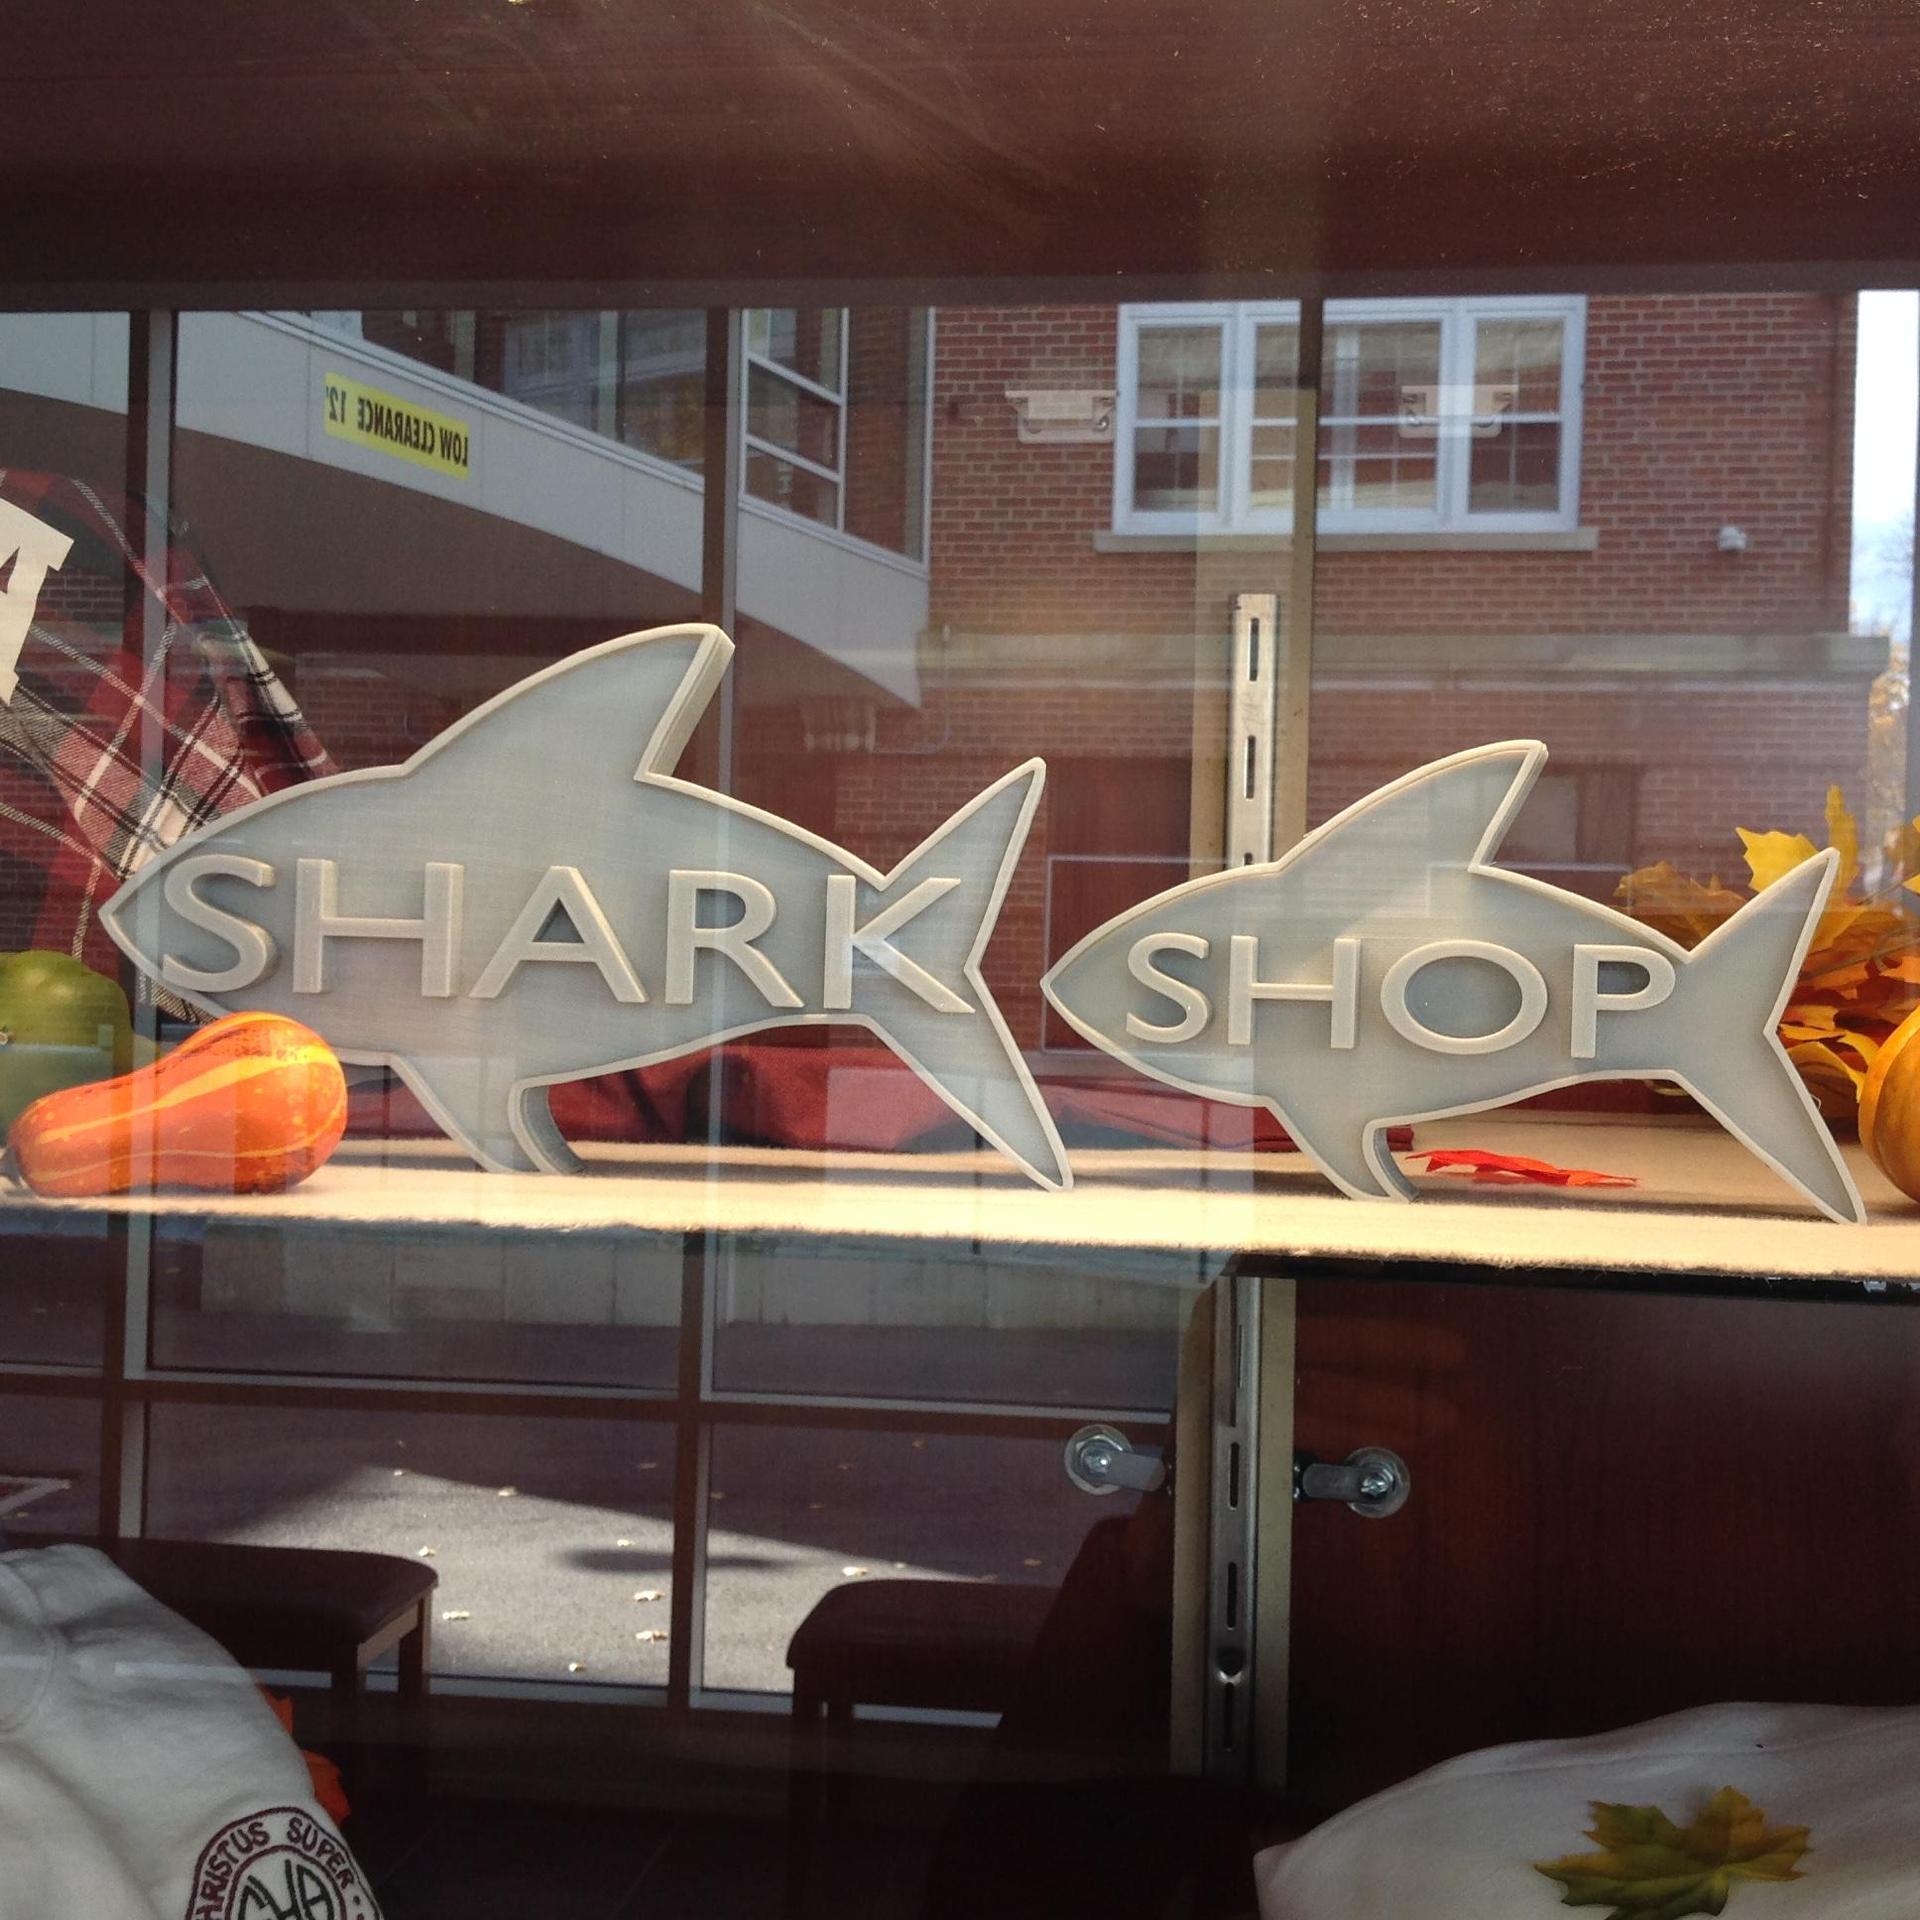 SHA Shark Shop